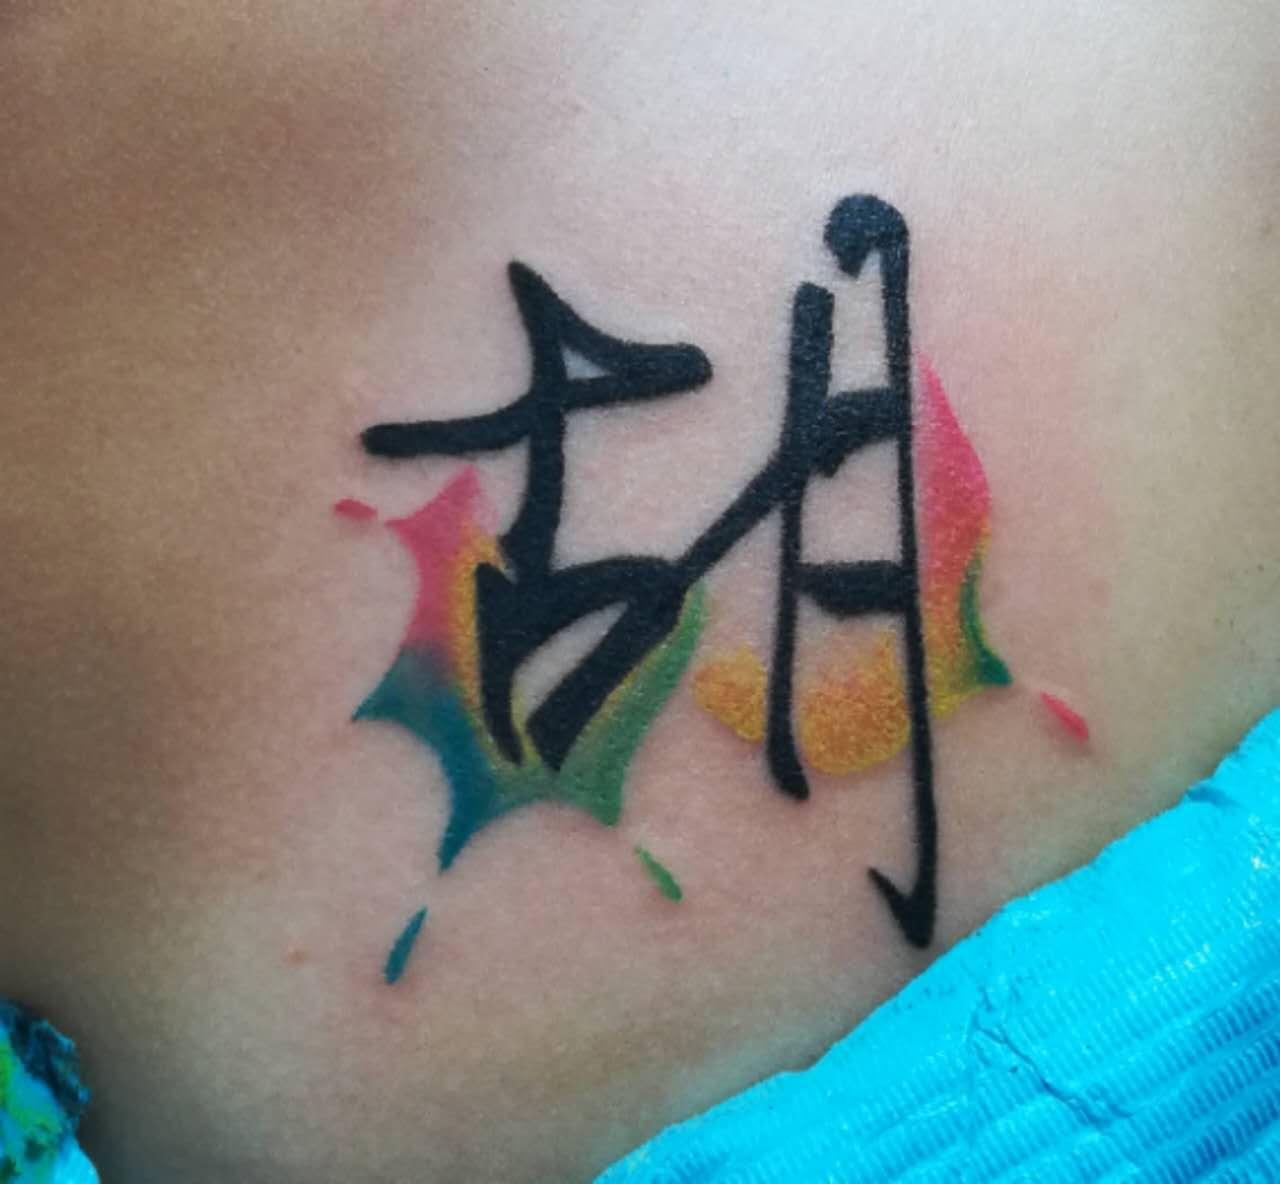 鄭州天龍紋身如何與紋身師正確交流|鄭州刺青-鄭州天龍紋身工作室